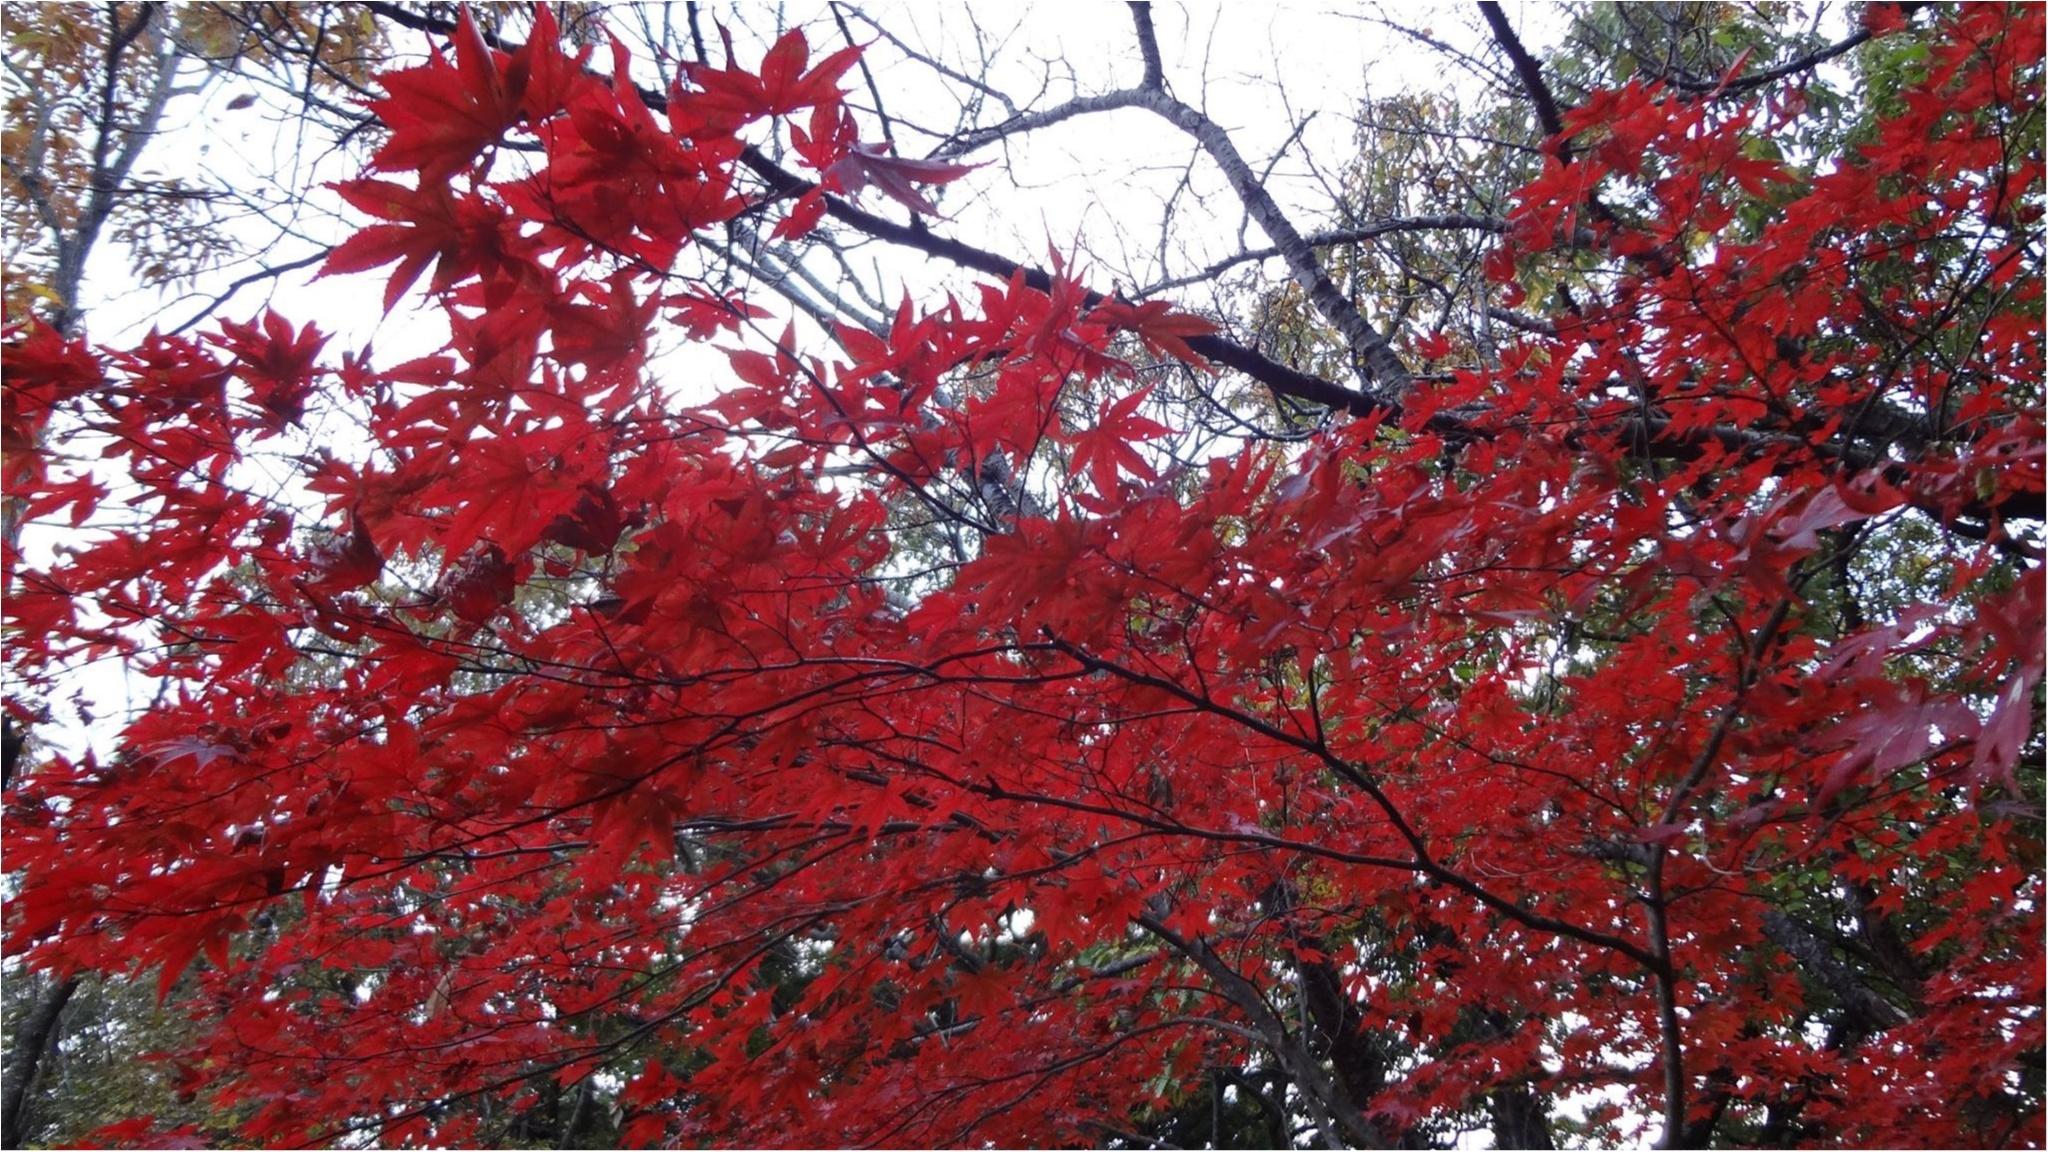 鎌倉にも紅葉の季節がやってきた♡11/20時点で見頃のオススメ紅葉スポットをご紹介✨≪samenyan≫_5